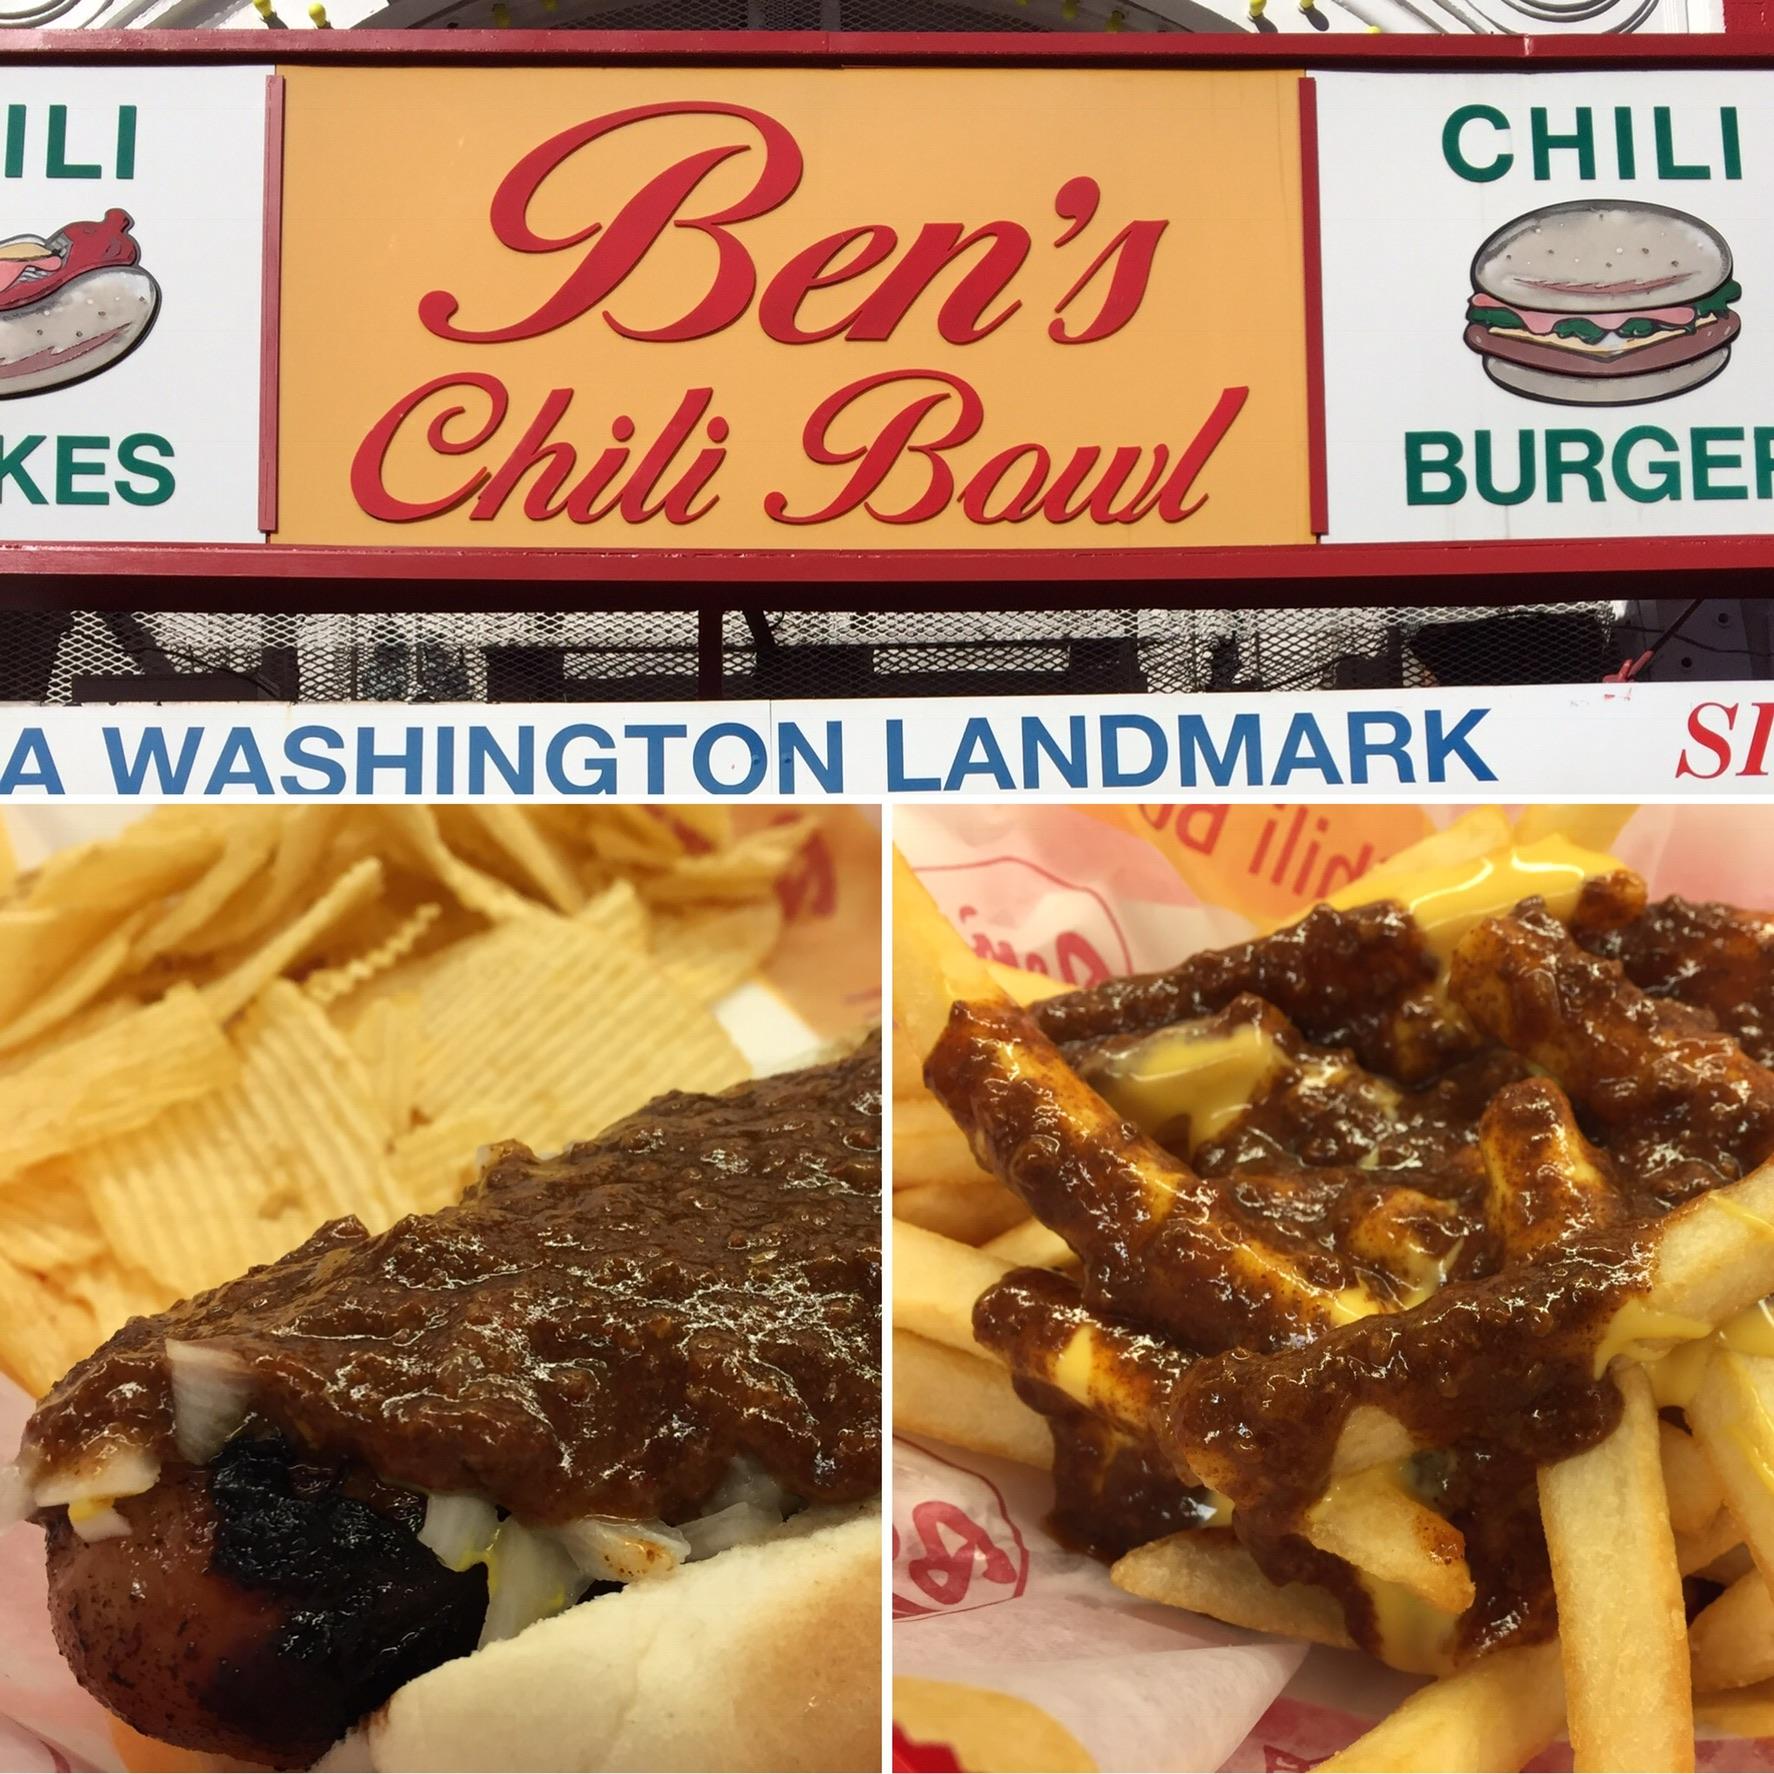 Half Smoke Chili Dog and Chili Cheese Fries at Ben's Chili Bowl